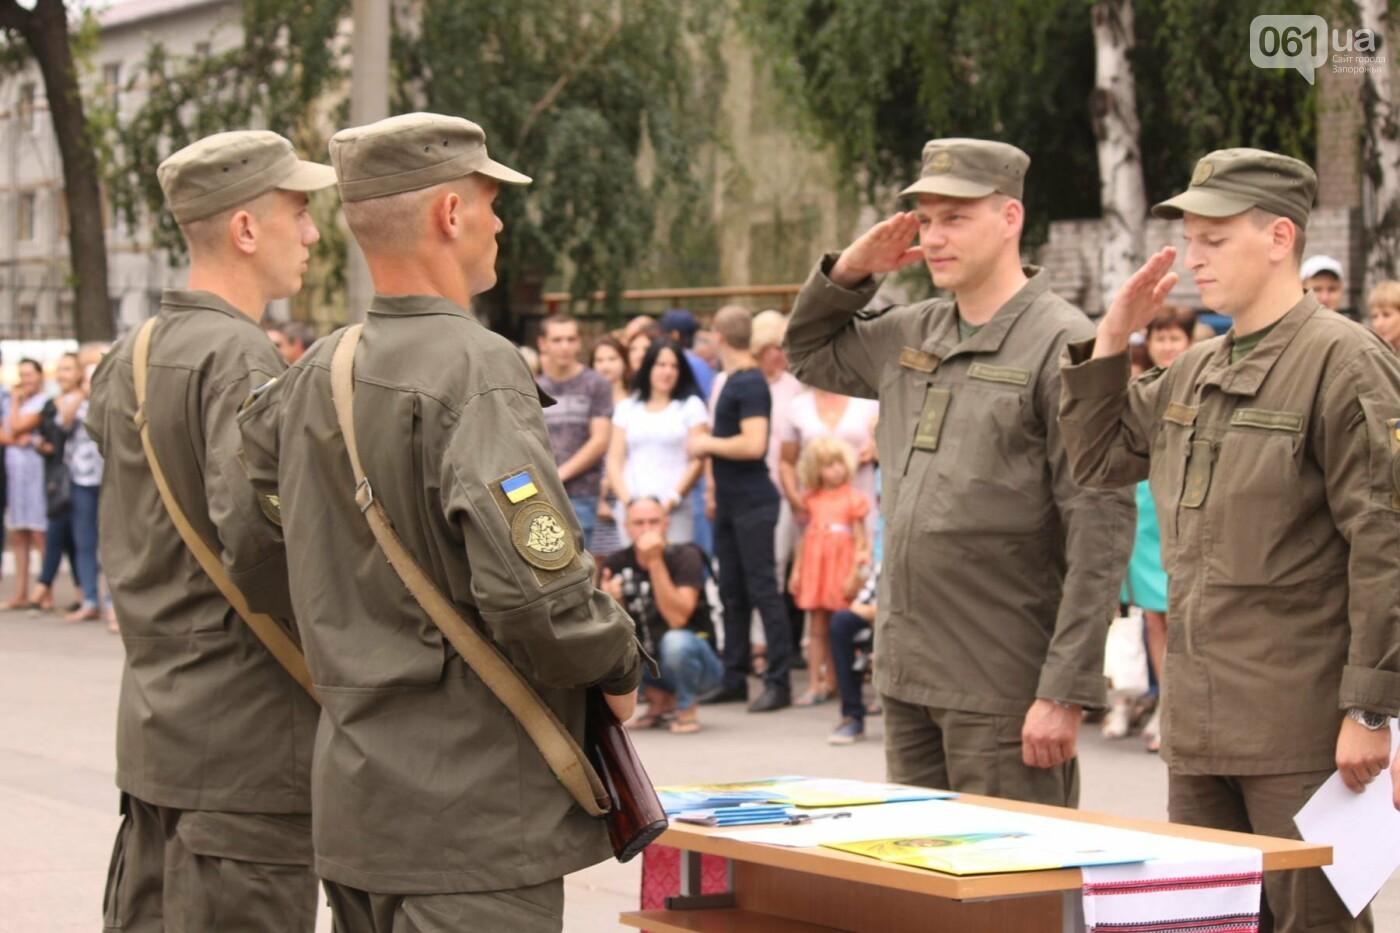 В Запорожье новобранцы Нацгвардии приняли присягу на верность Украине, – ФОТОРЕПОРТАЖ, фото-11